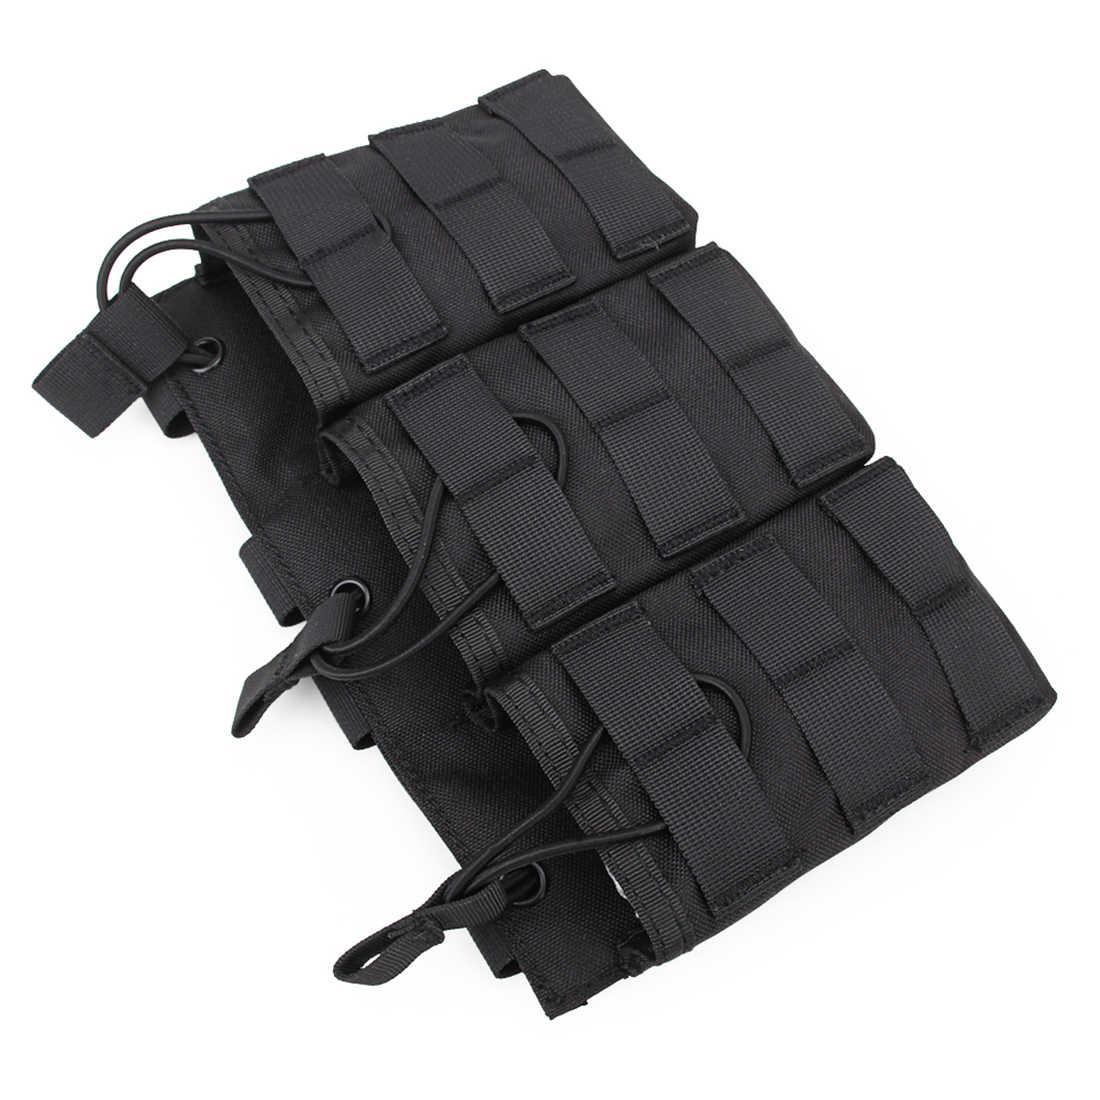 Surwish тактическая Тройная журнальная сумка для G36 Mag наружная для игры в пейнтбол Группа Мероприятий-черный